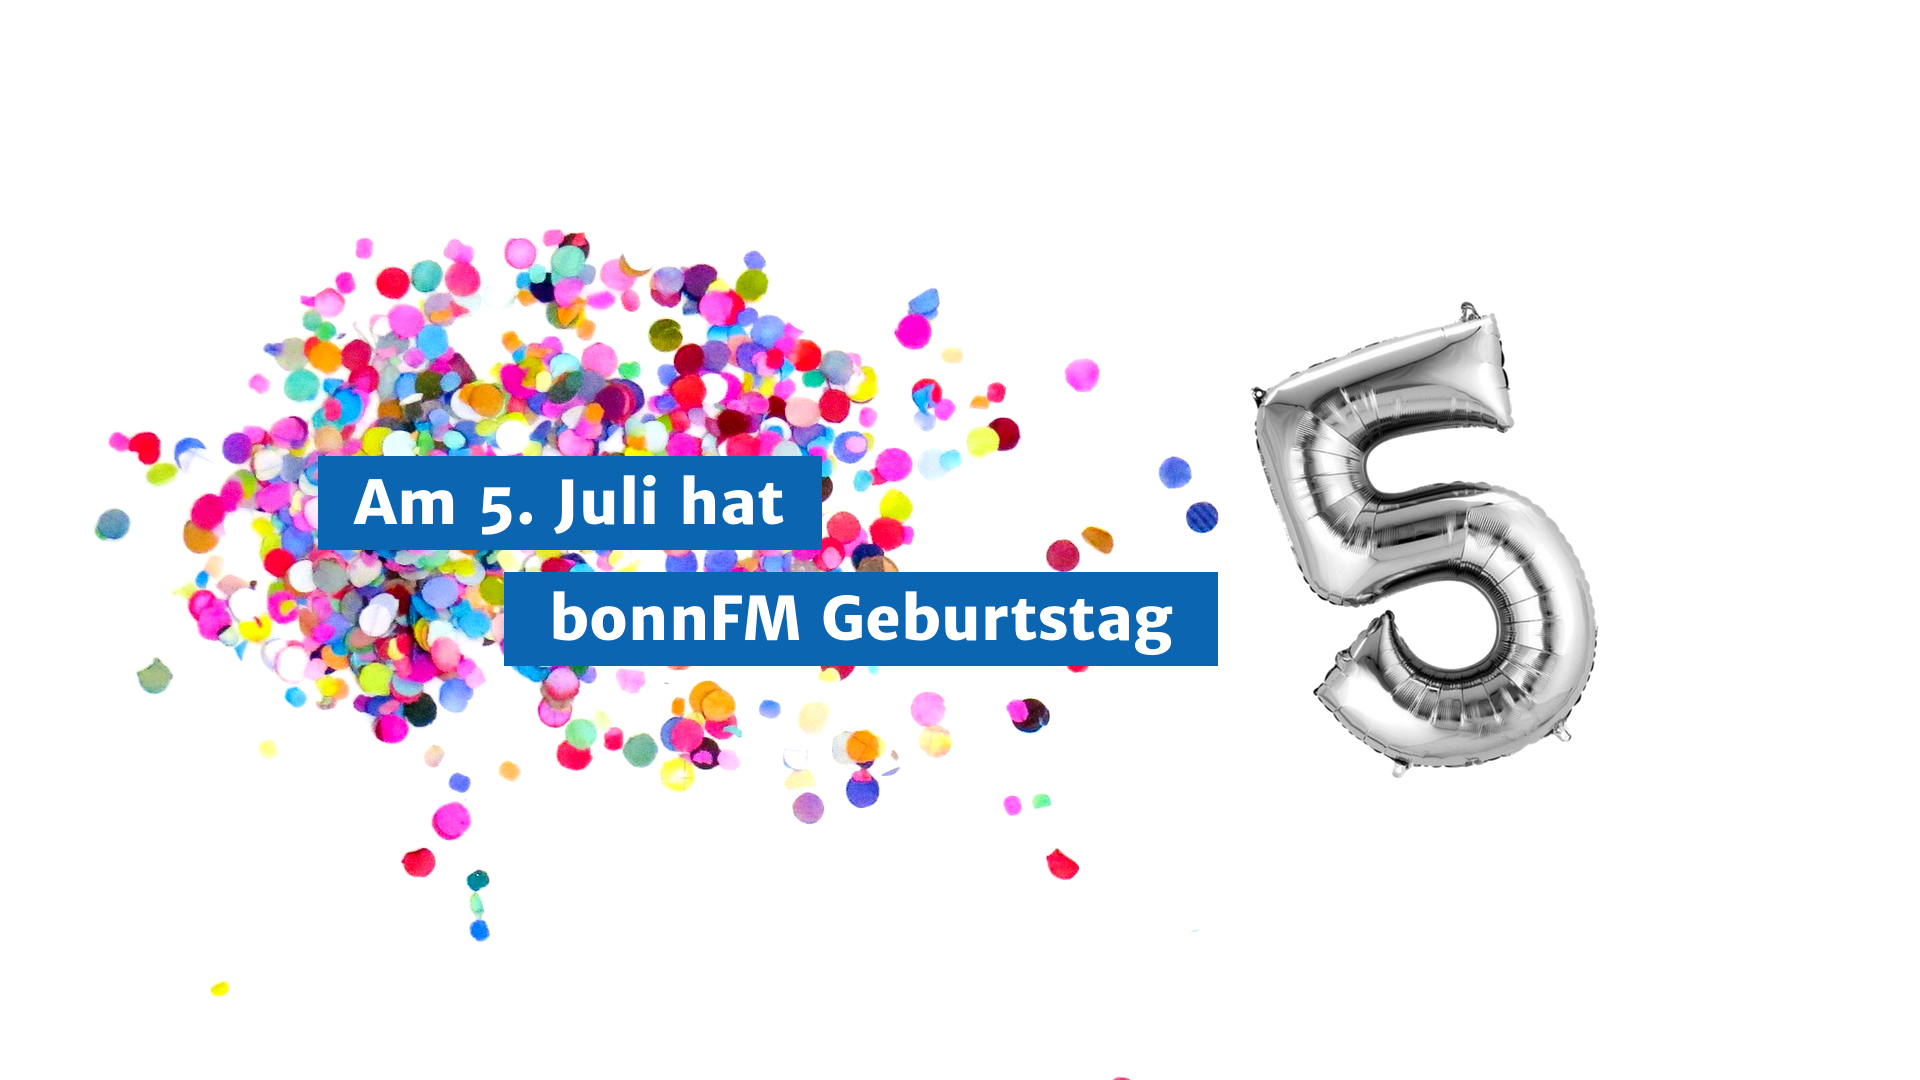 Die bonnFM-Geburtstagsspezialsendung